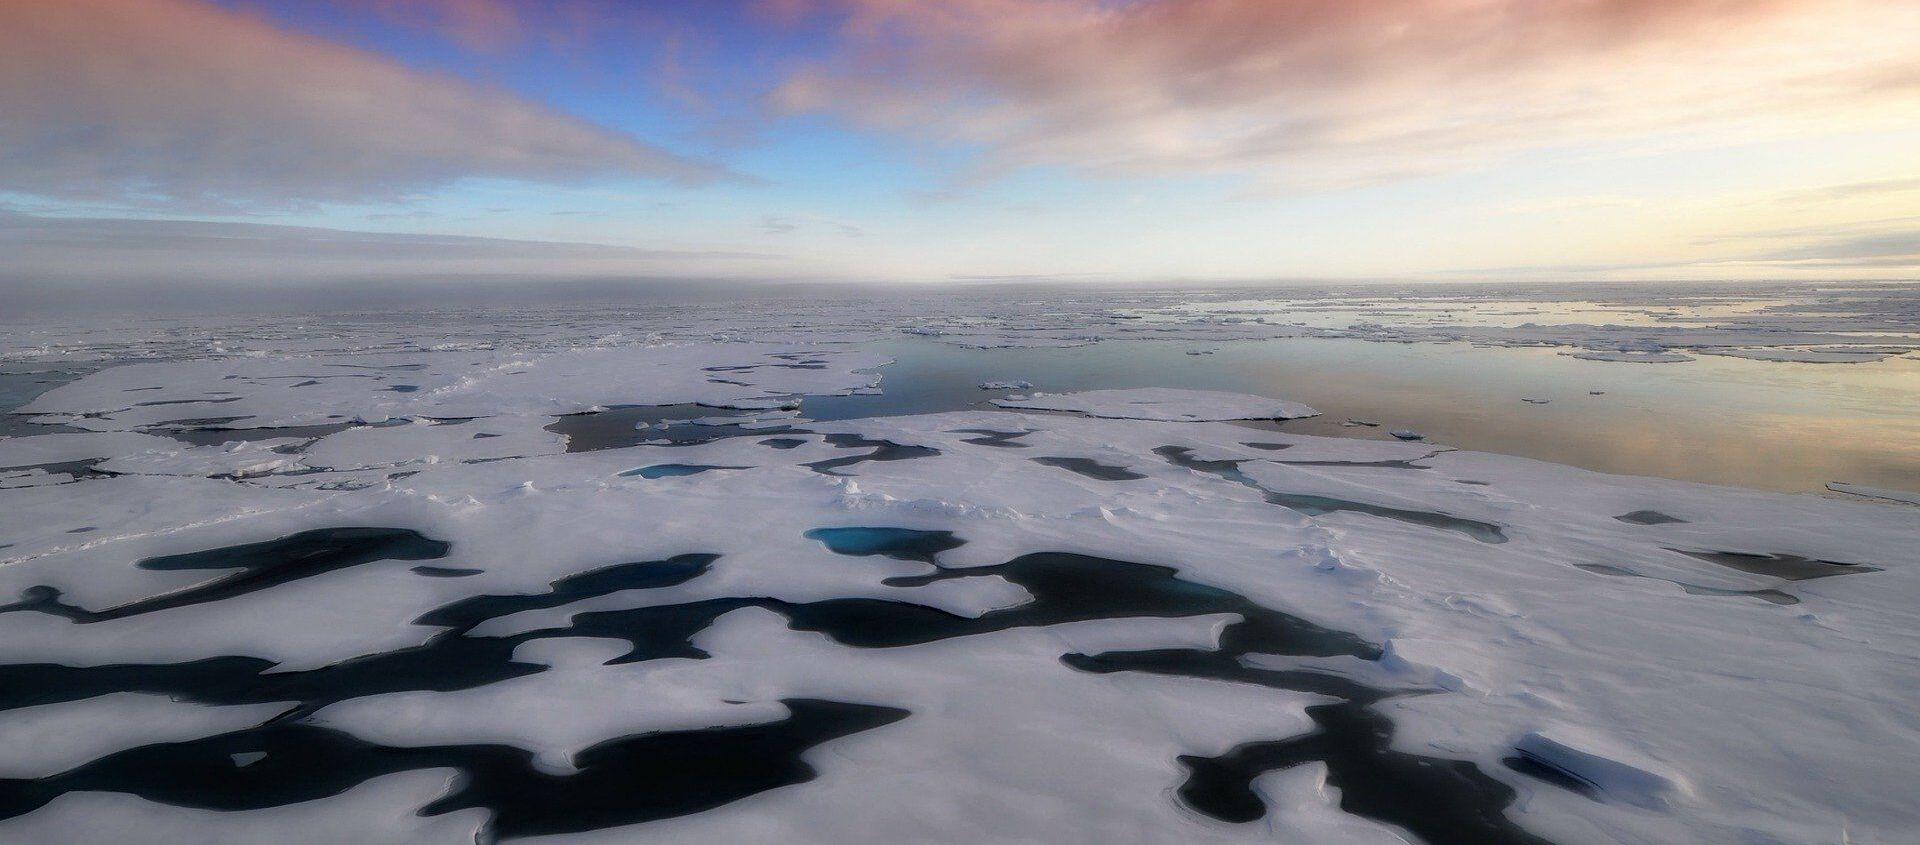 L'Artico si scioglie: persi due terzi del spessore ghiacciale negli ultimi 60 anni - Sputnik Italia, 1920, 15.10.2020